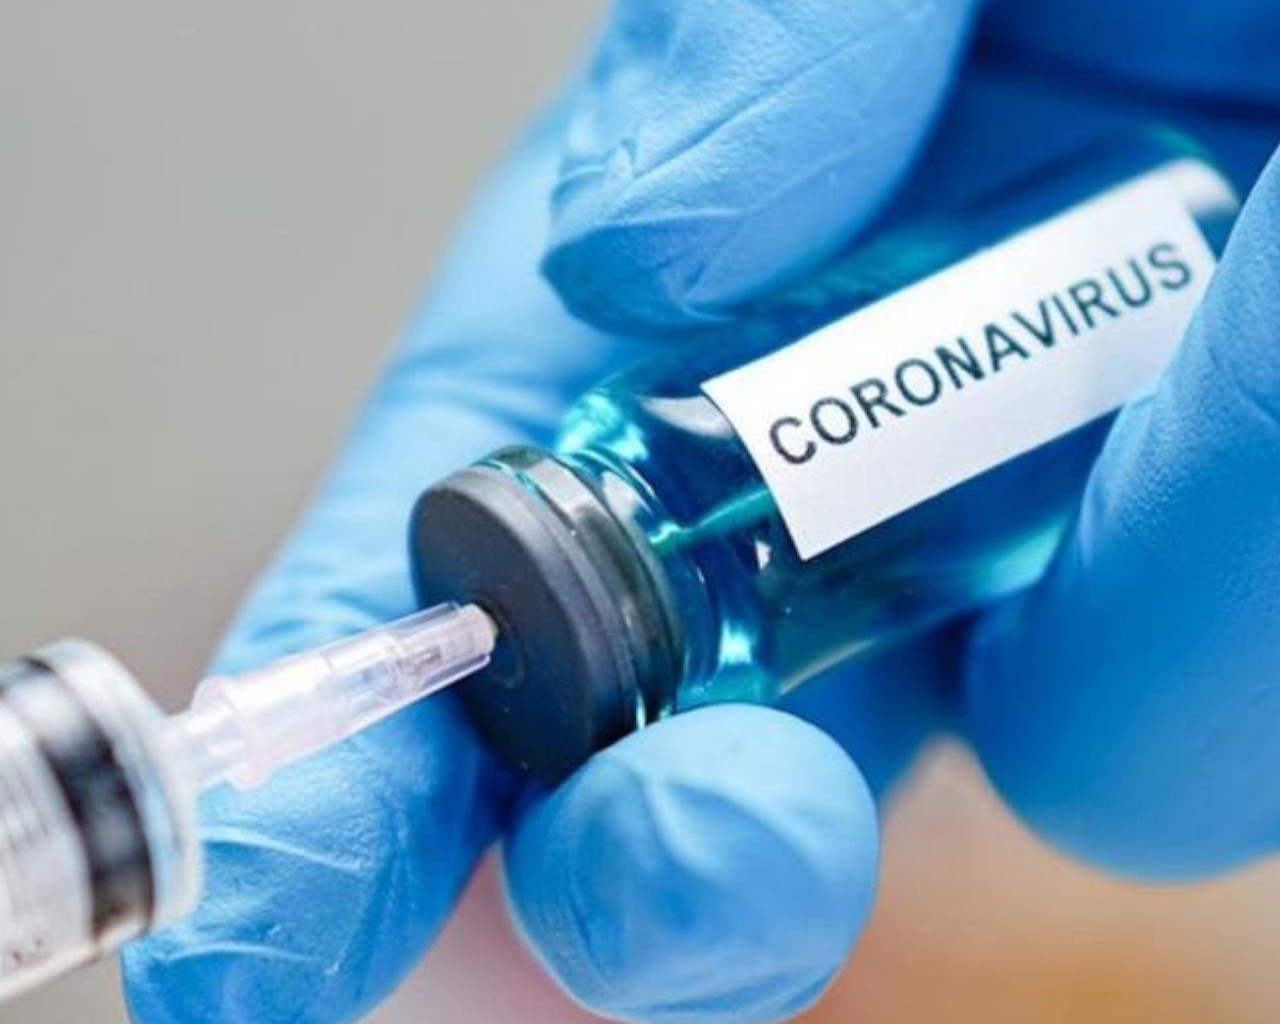 εμβολιο covid-19, covid-19,covid-19 gov.gr,covid-19 wikipedia,covid-19 χαρτησ,covid-19 map,covid-19 συμπτωματα,covid-19 live,covid-19 θεσσαλονικη,covid-19 σημερα